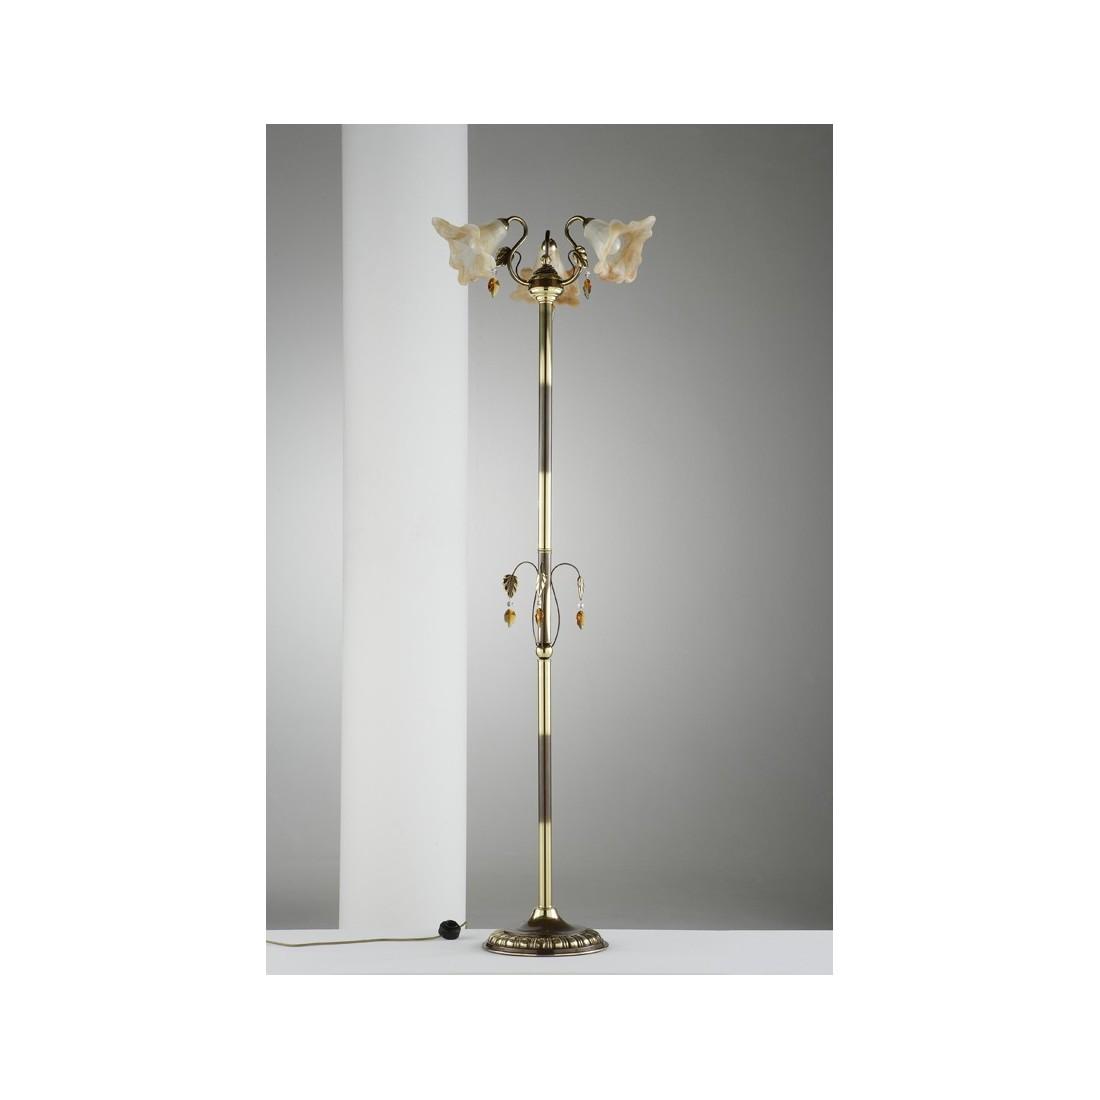 L mpara de techo semiplaf n de bronce 1 tulipa alabastro genil beige 40 cm 4 luces bombillas - Lamparas clasicas de techo ...